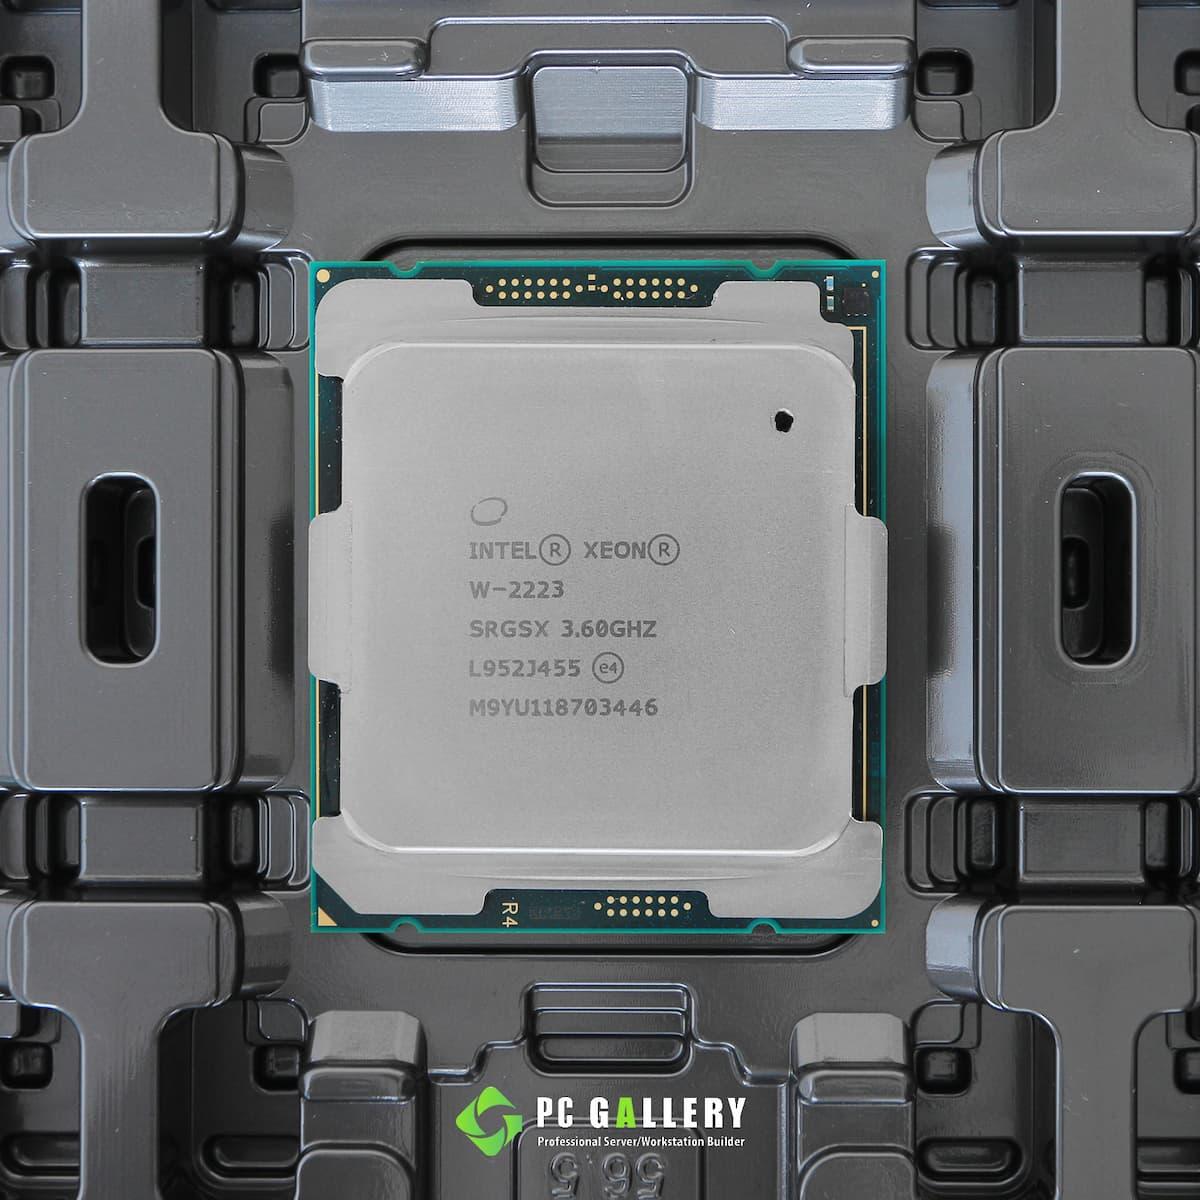 Intel-Xeon-W-2223 (Tray)